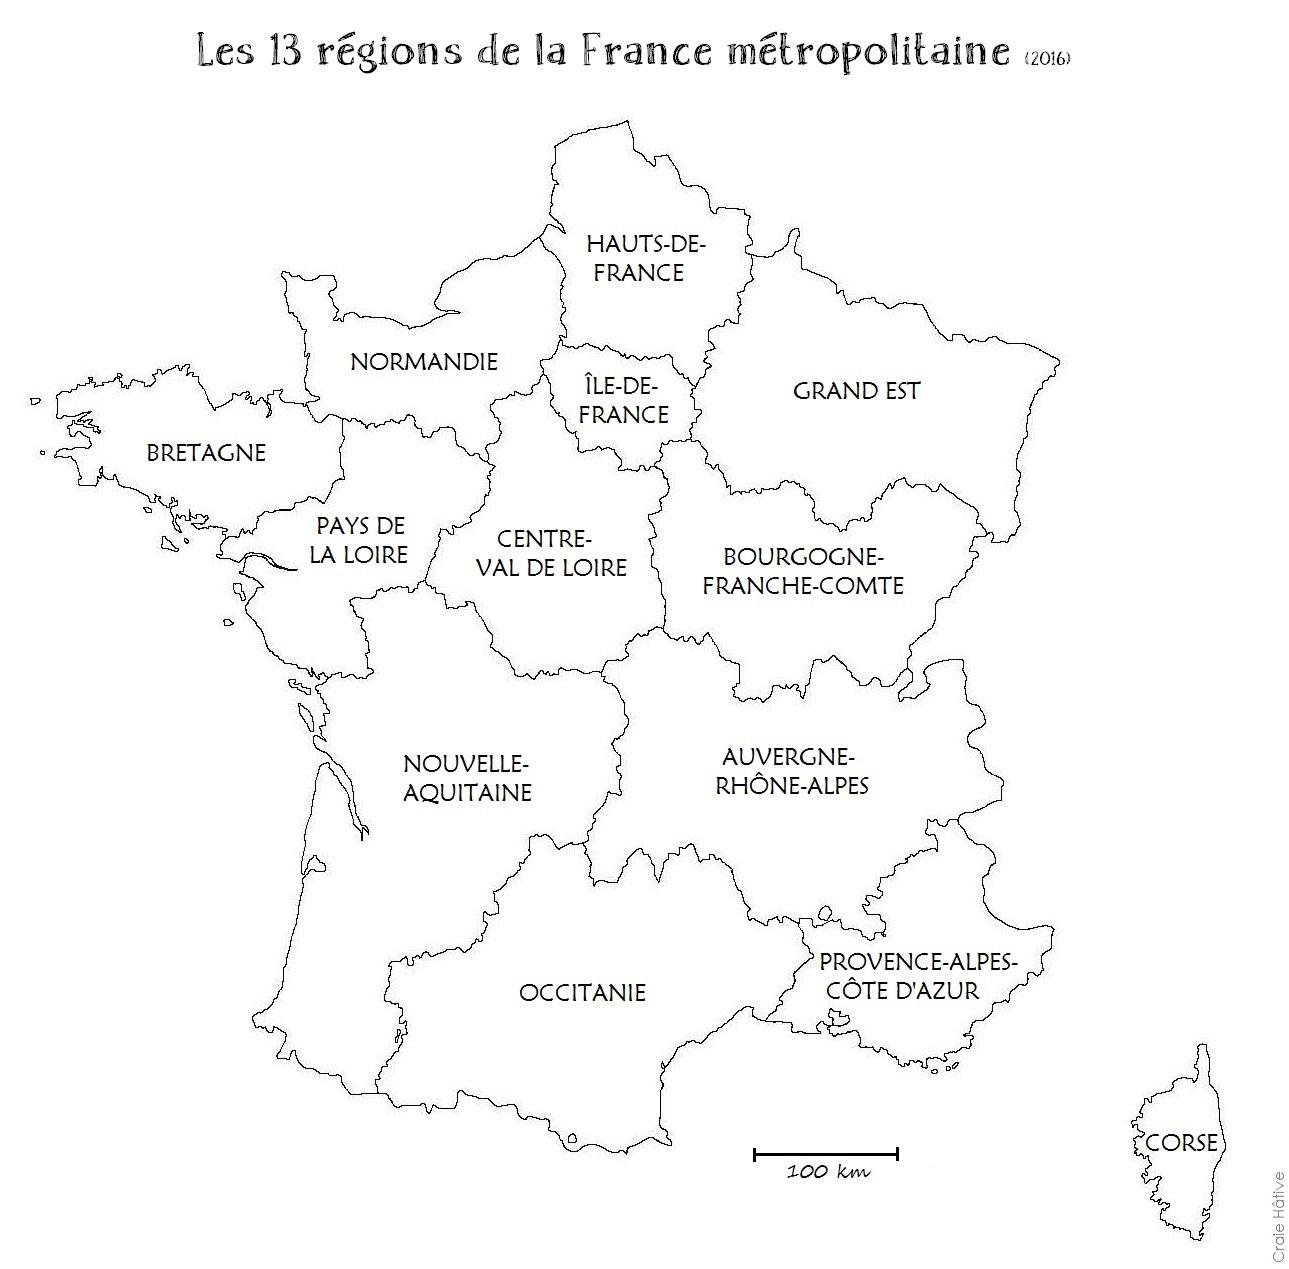 Cartes Des Régions De La France Métropolitaine - 2016 concernant Carte De France Avec Departement A Imprimer